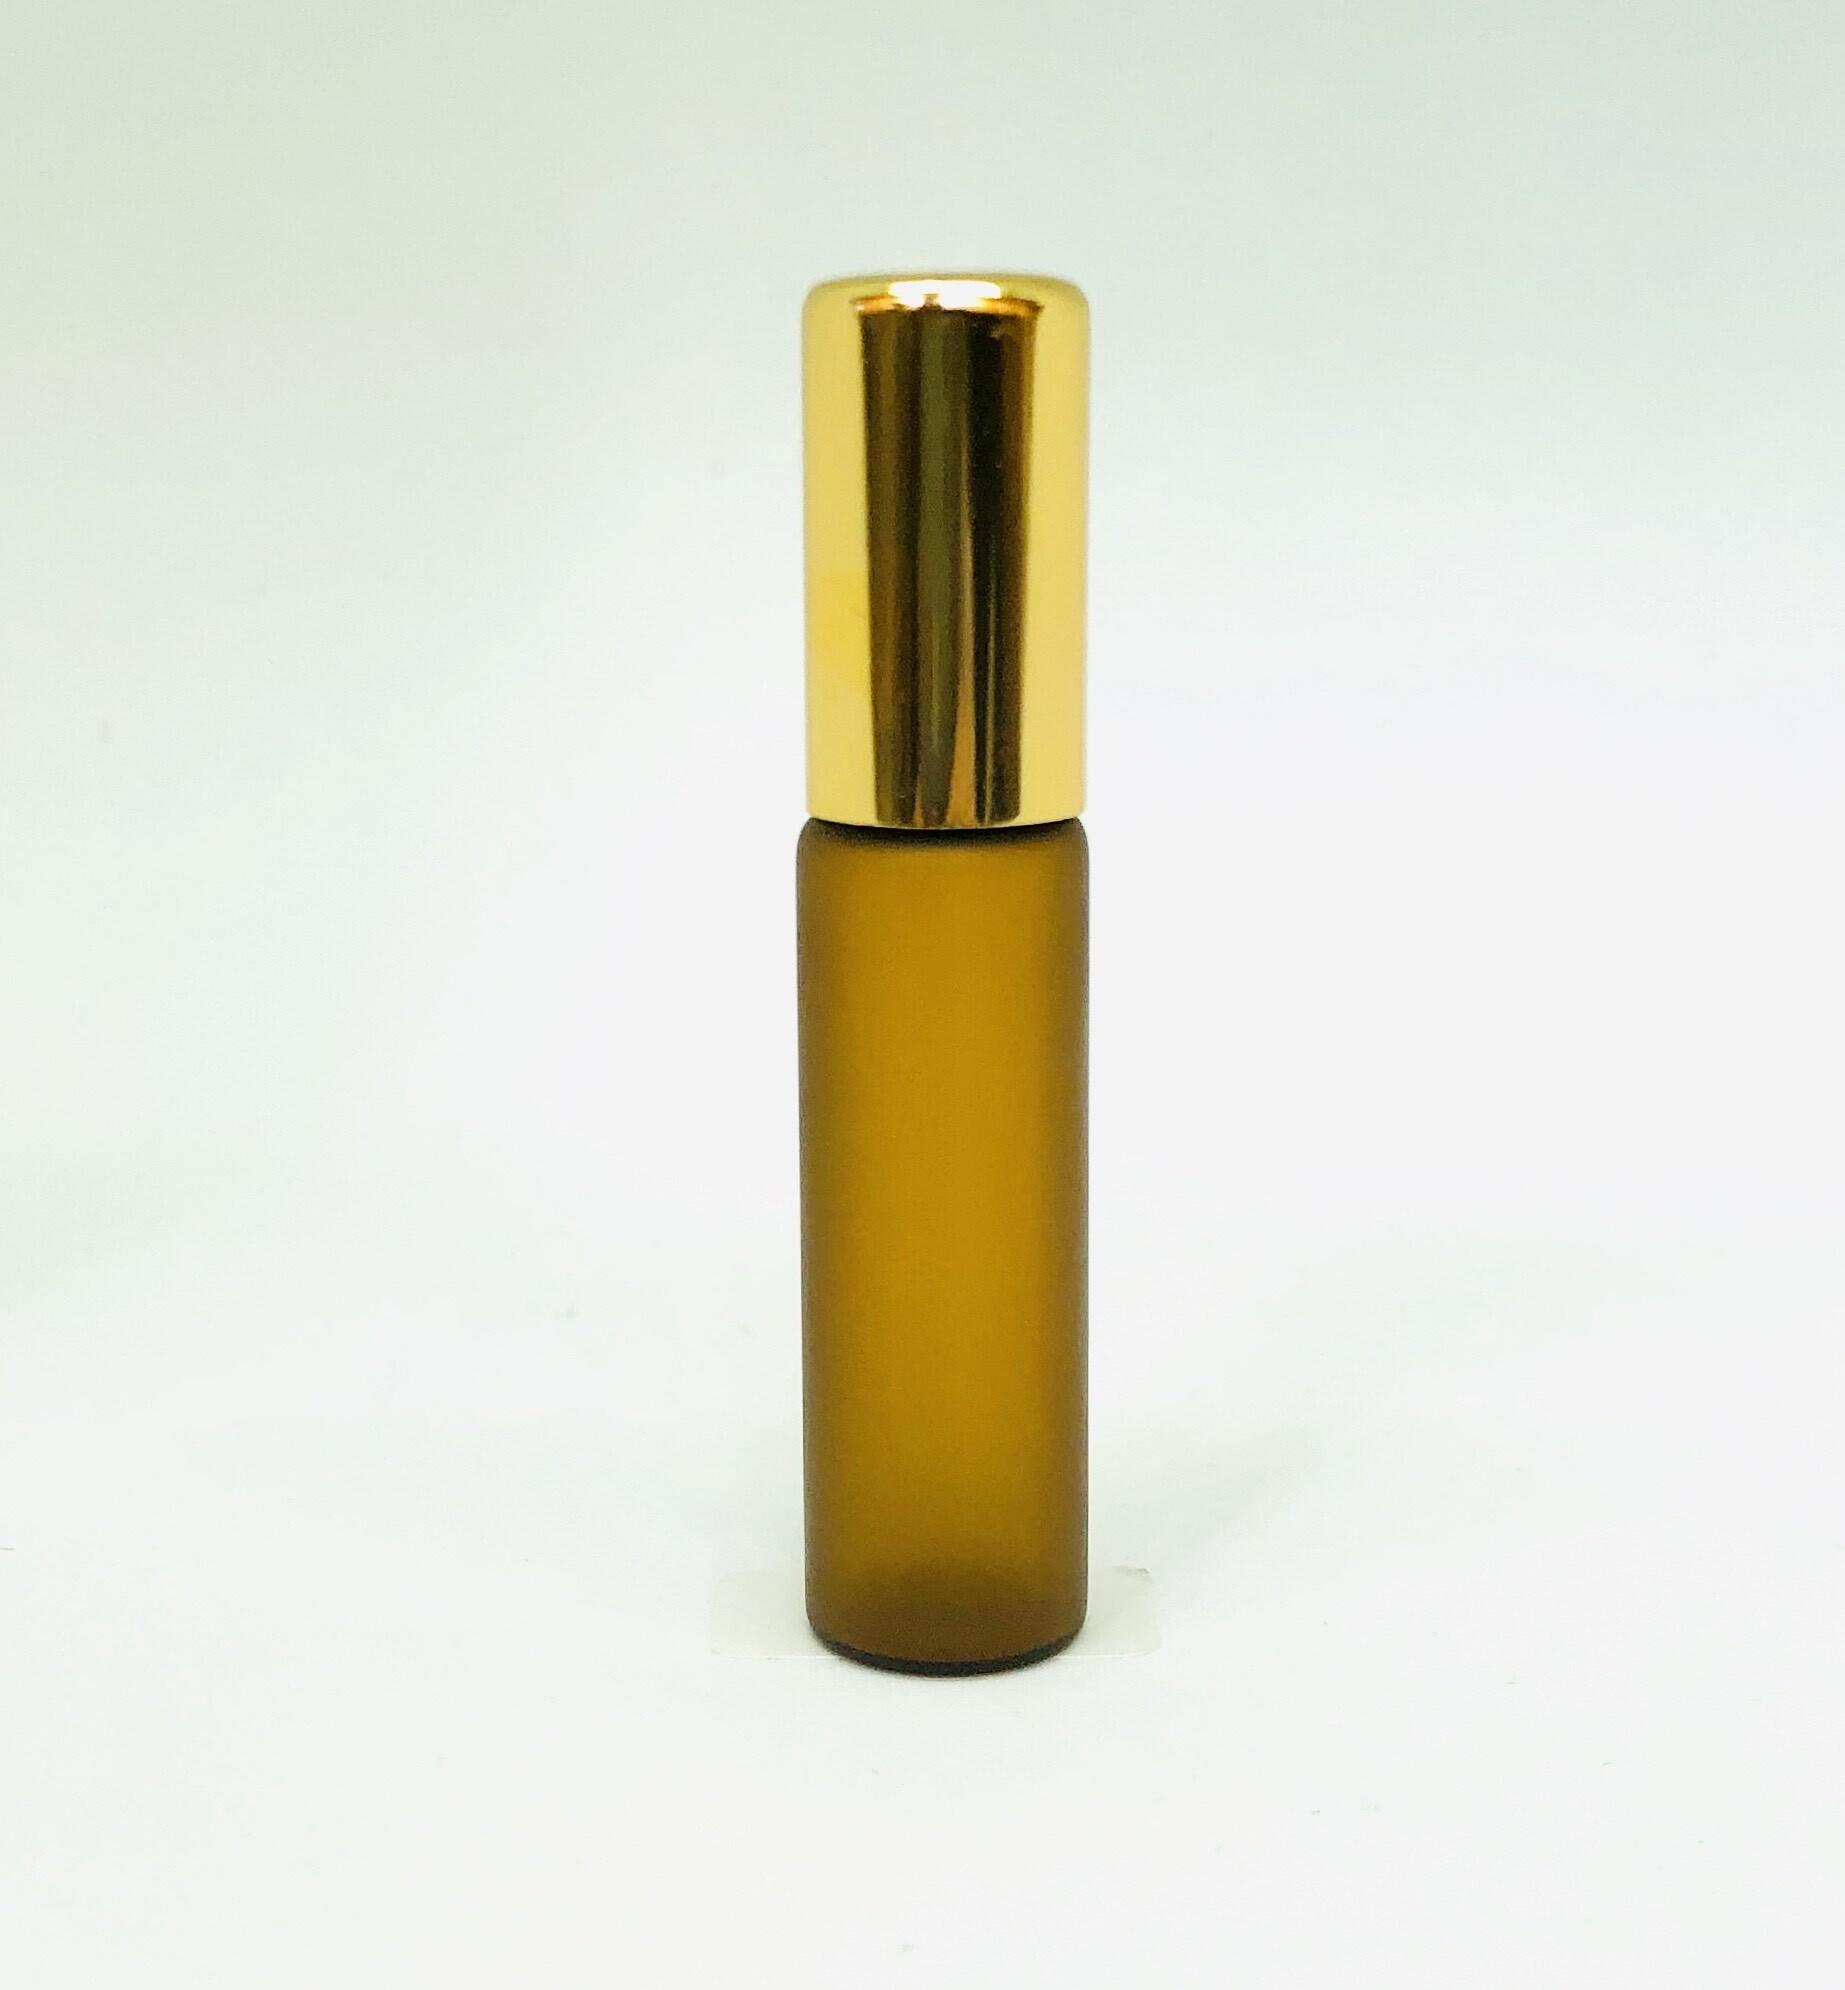 【遮光性  ロールオンボトル 】5ml ブラウン ゴールドキャップ 茶色 金色 携帯 化粧 アロマ 高級